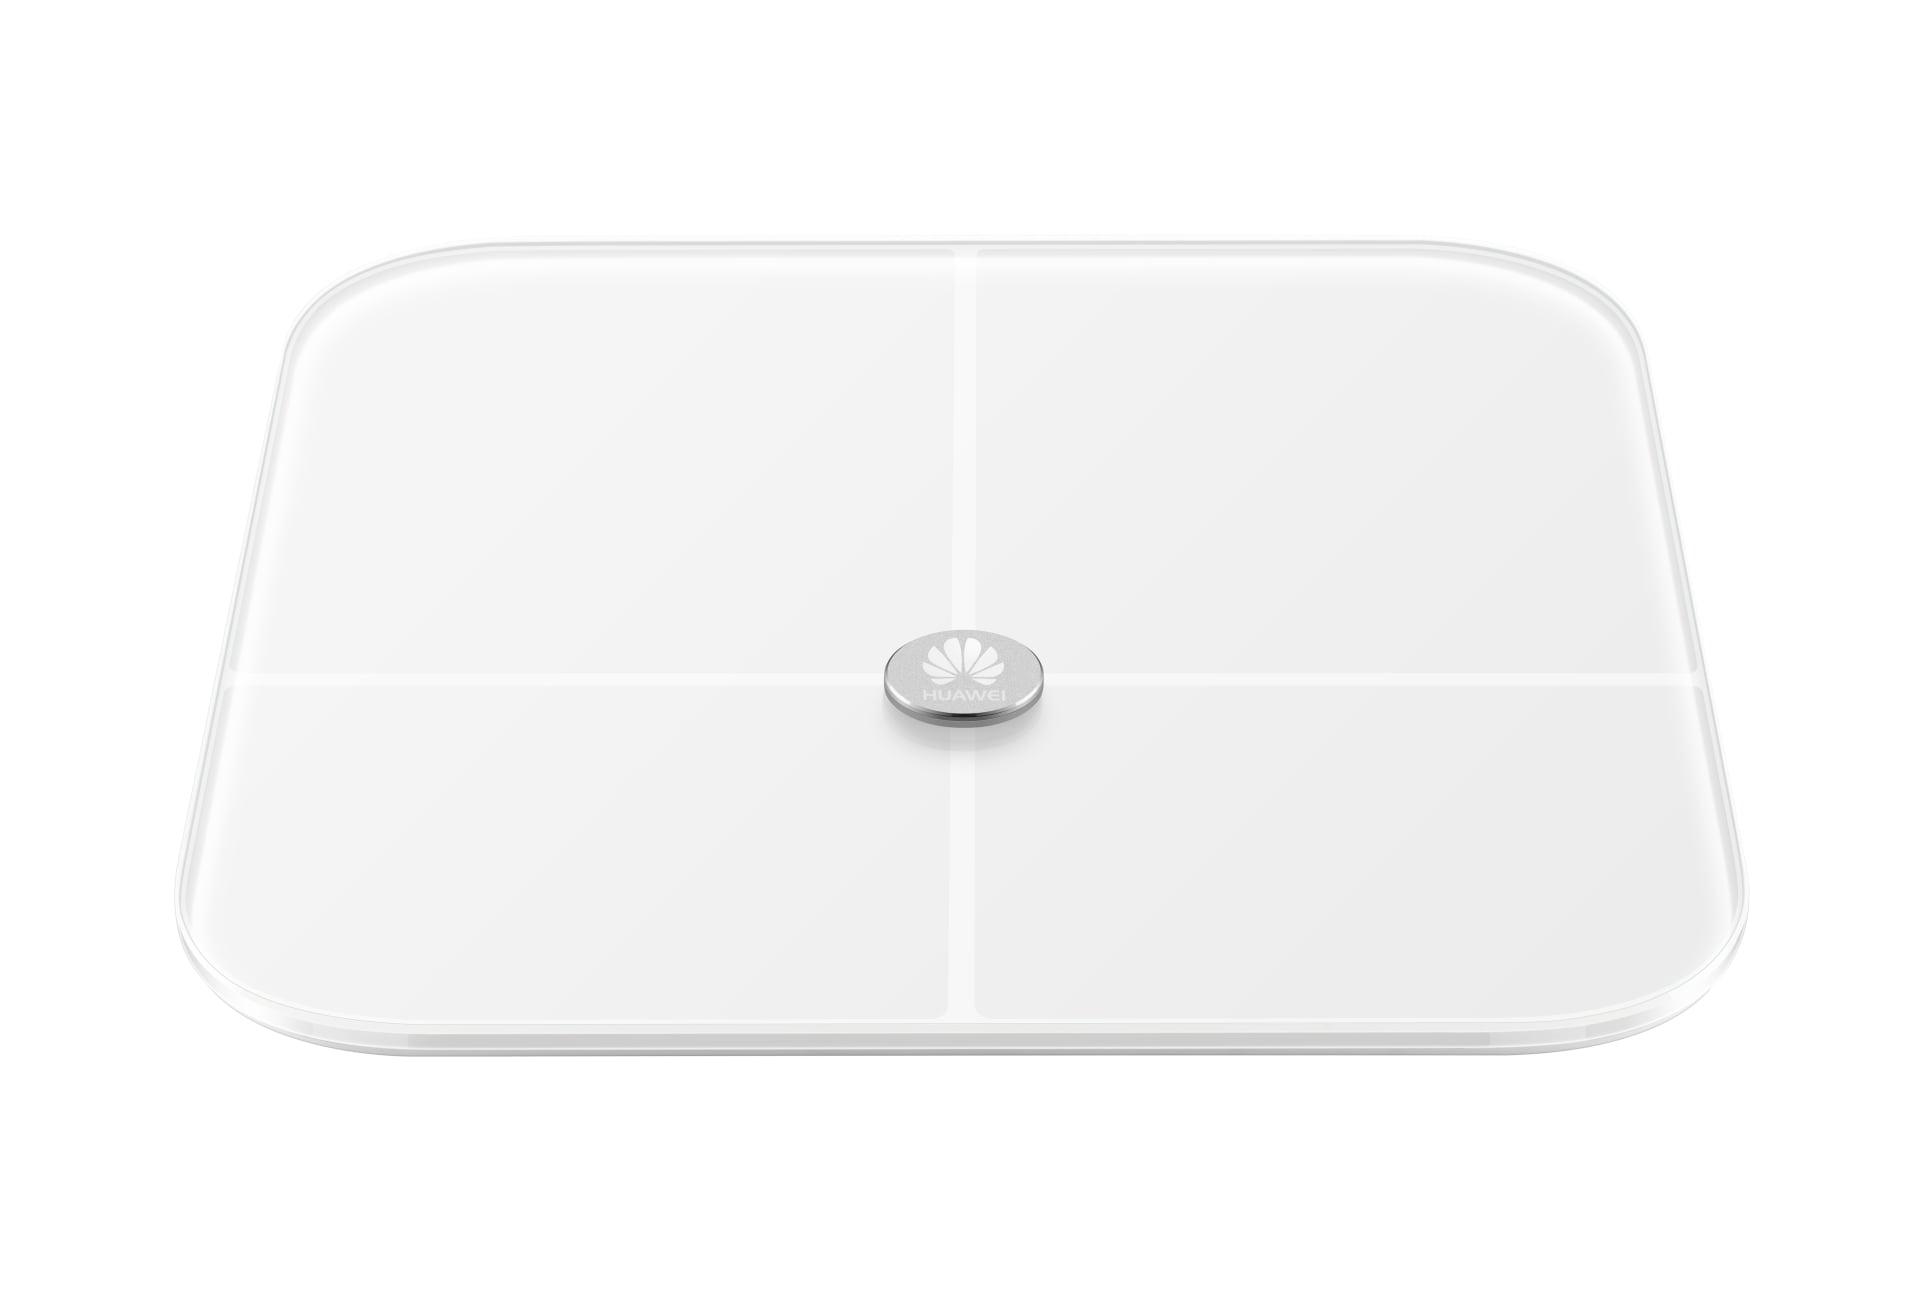 Huawei-Body-Fat-Scale-AH100-inteligentna-waga-fot.-Huawei-2.jpg